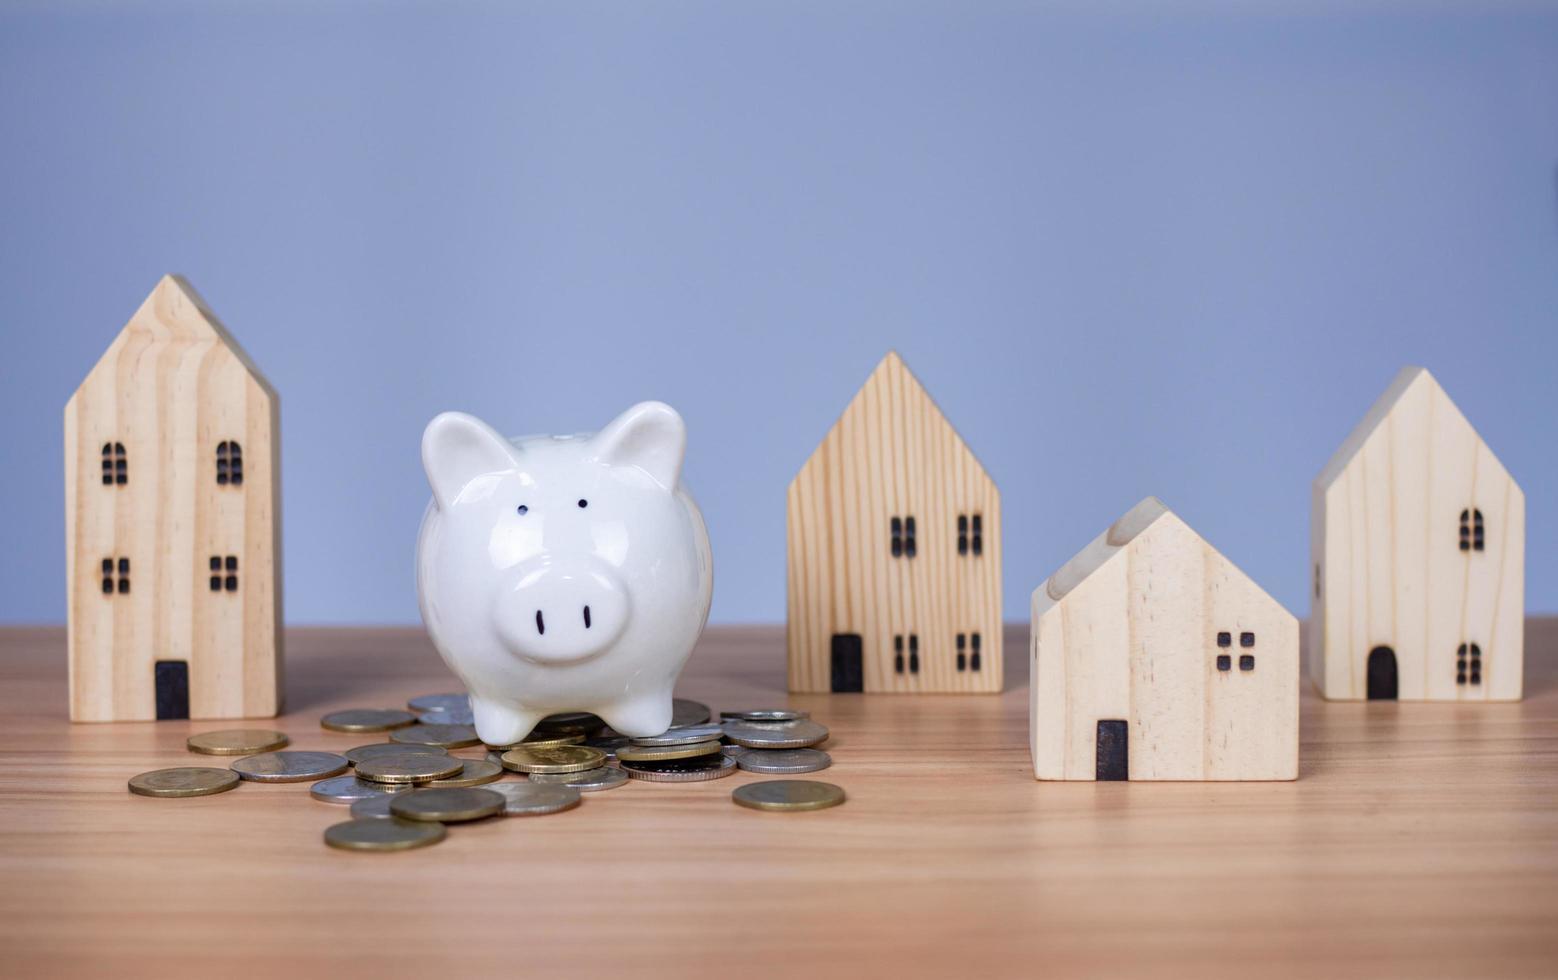 en vit spargris läggs på en hög med mynt. och bredvid är det ett modellhus i trä på en vit bakgrund. som alla ligger på ett träbord foto